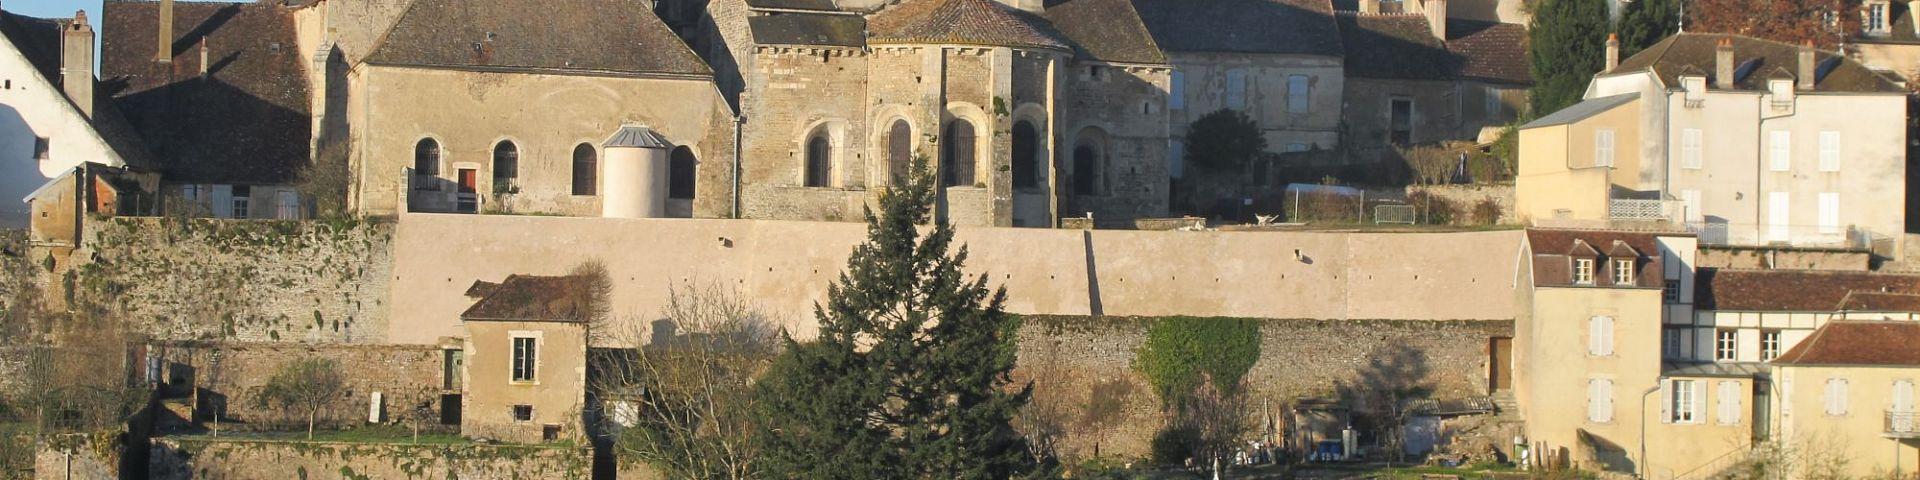 Avallon - Rempart de la Ville (89)